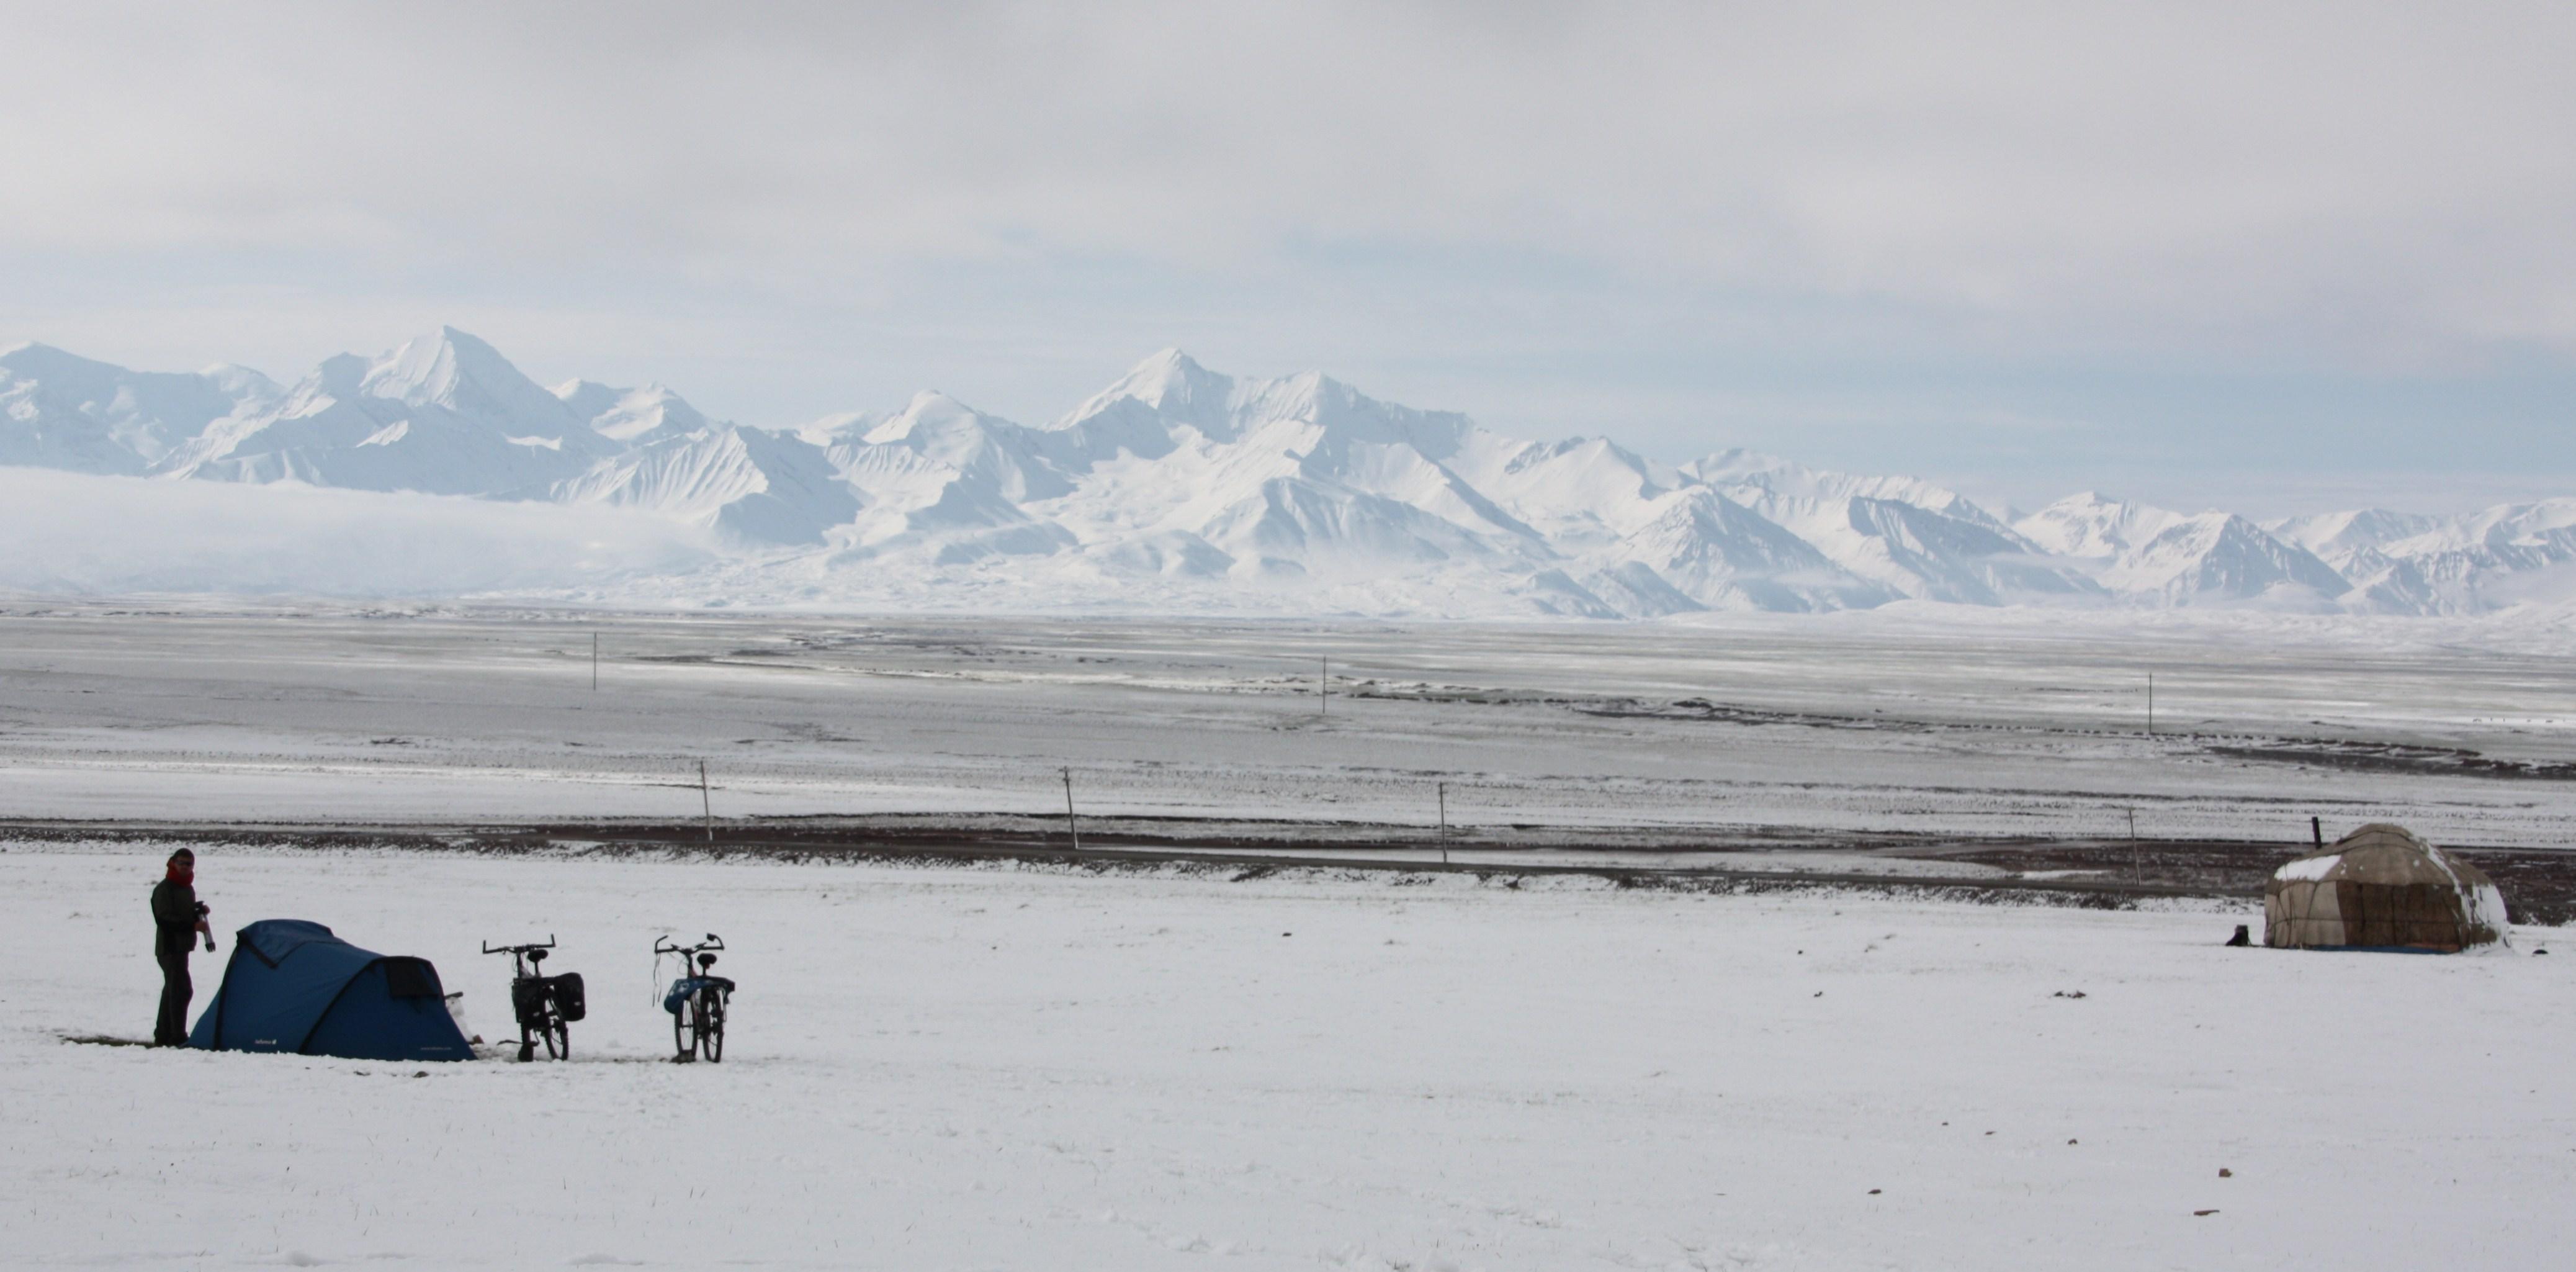 Récits de voyage - Films documentaires- Conférences - Photos